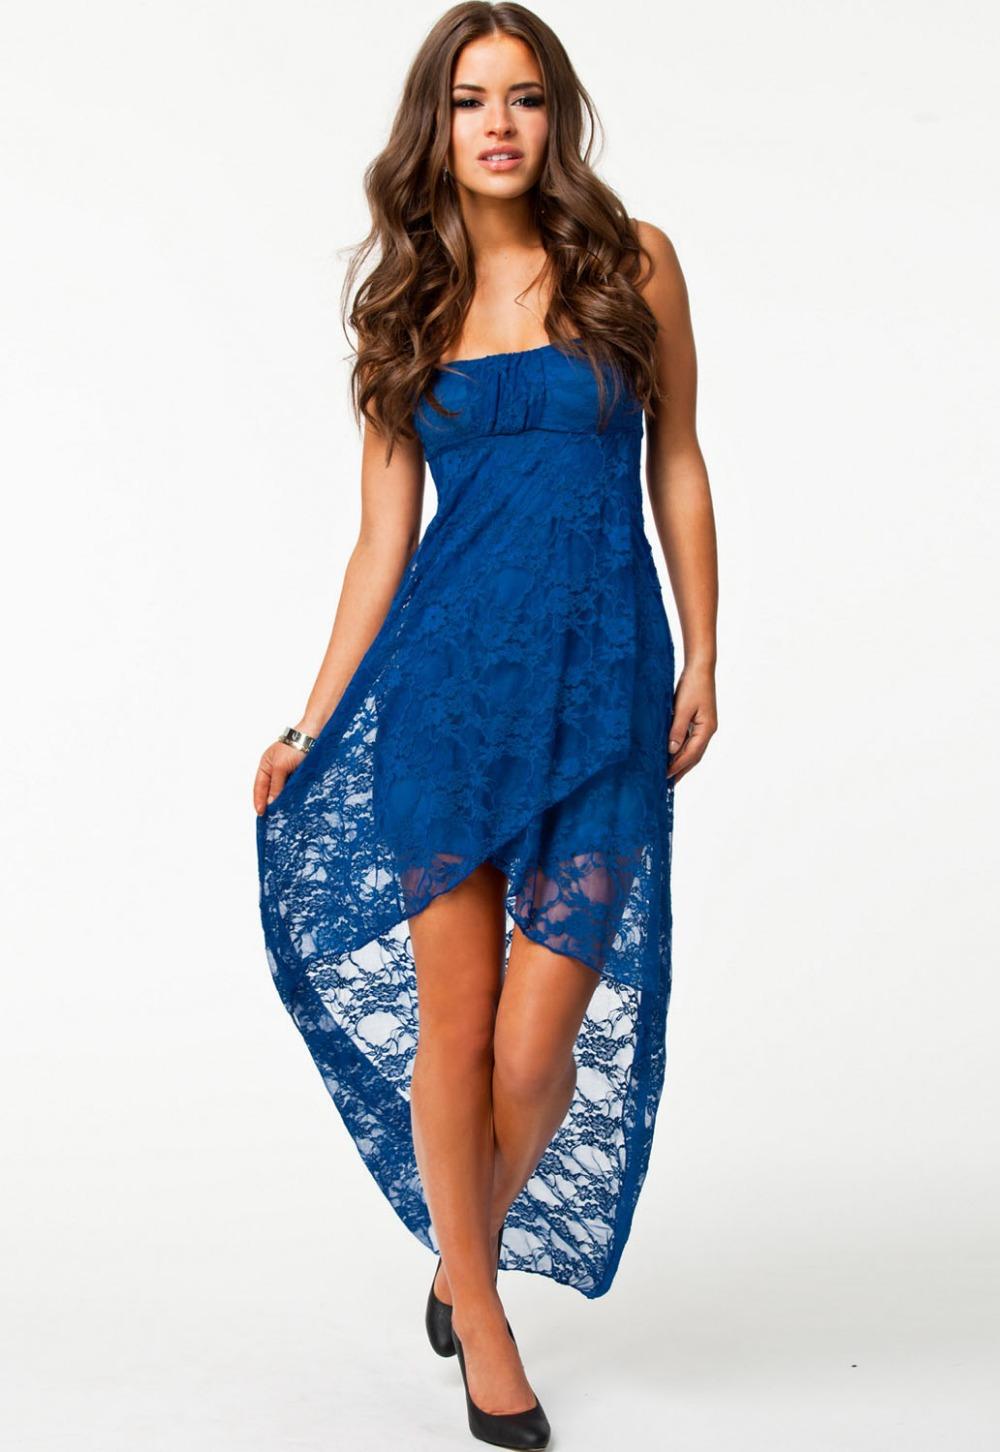 Livraison gratuite   2014 new sexy robe de soirée lc6238 saphir bandeau de dentelle